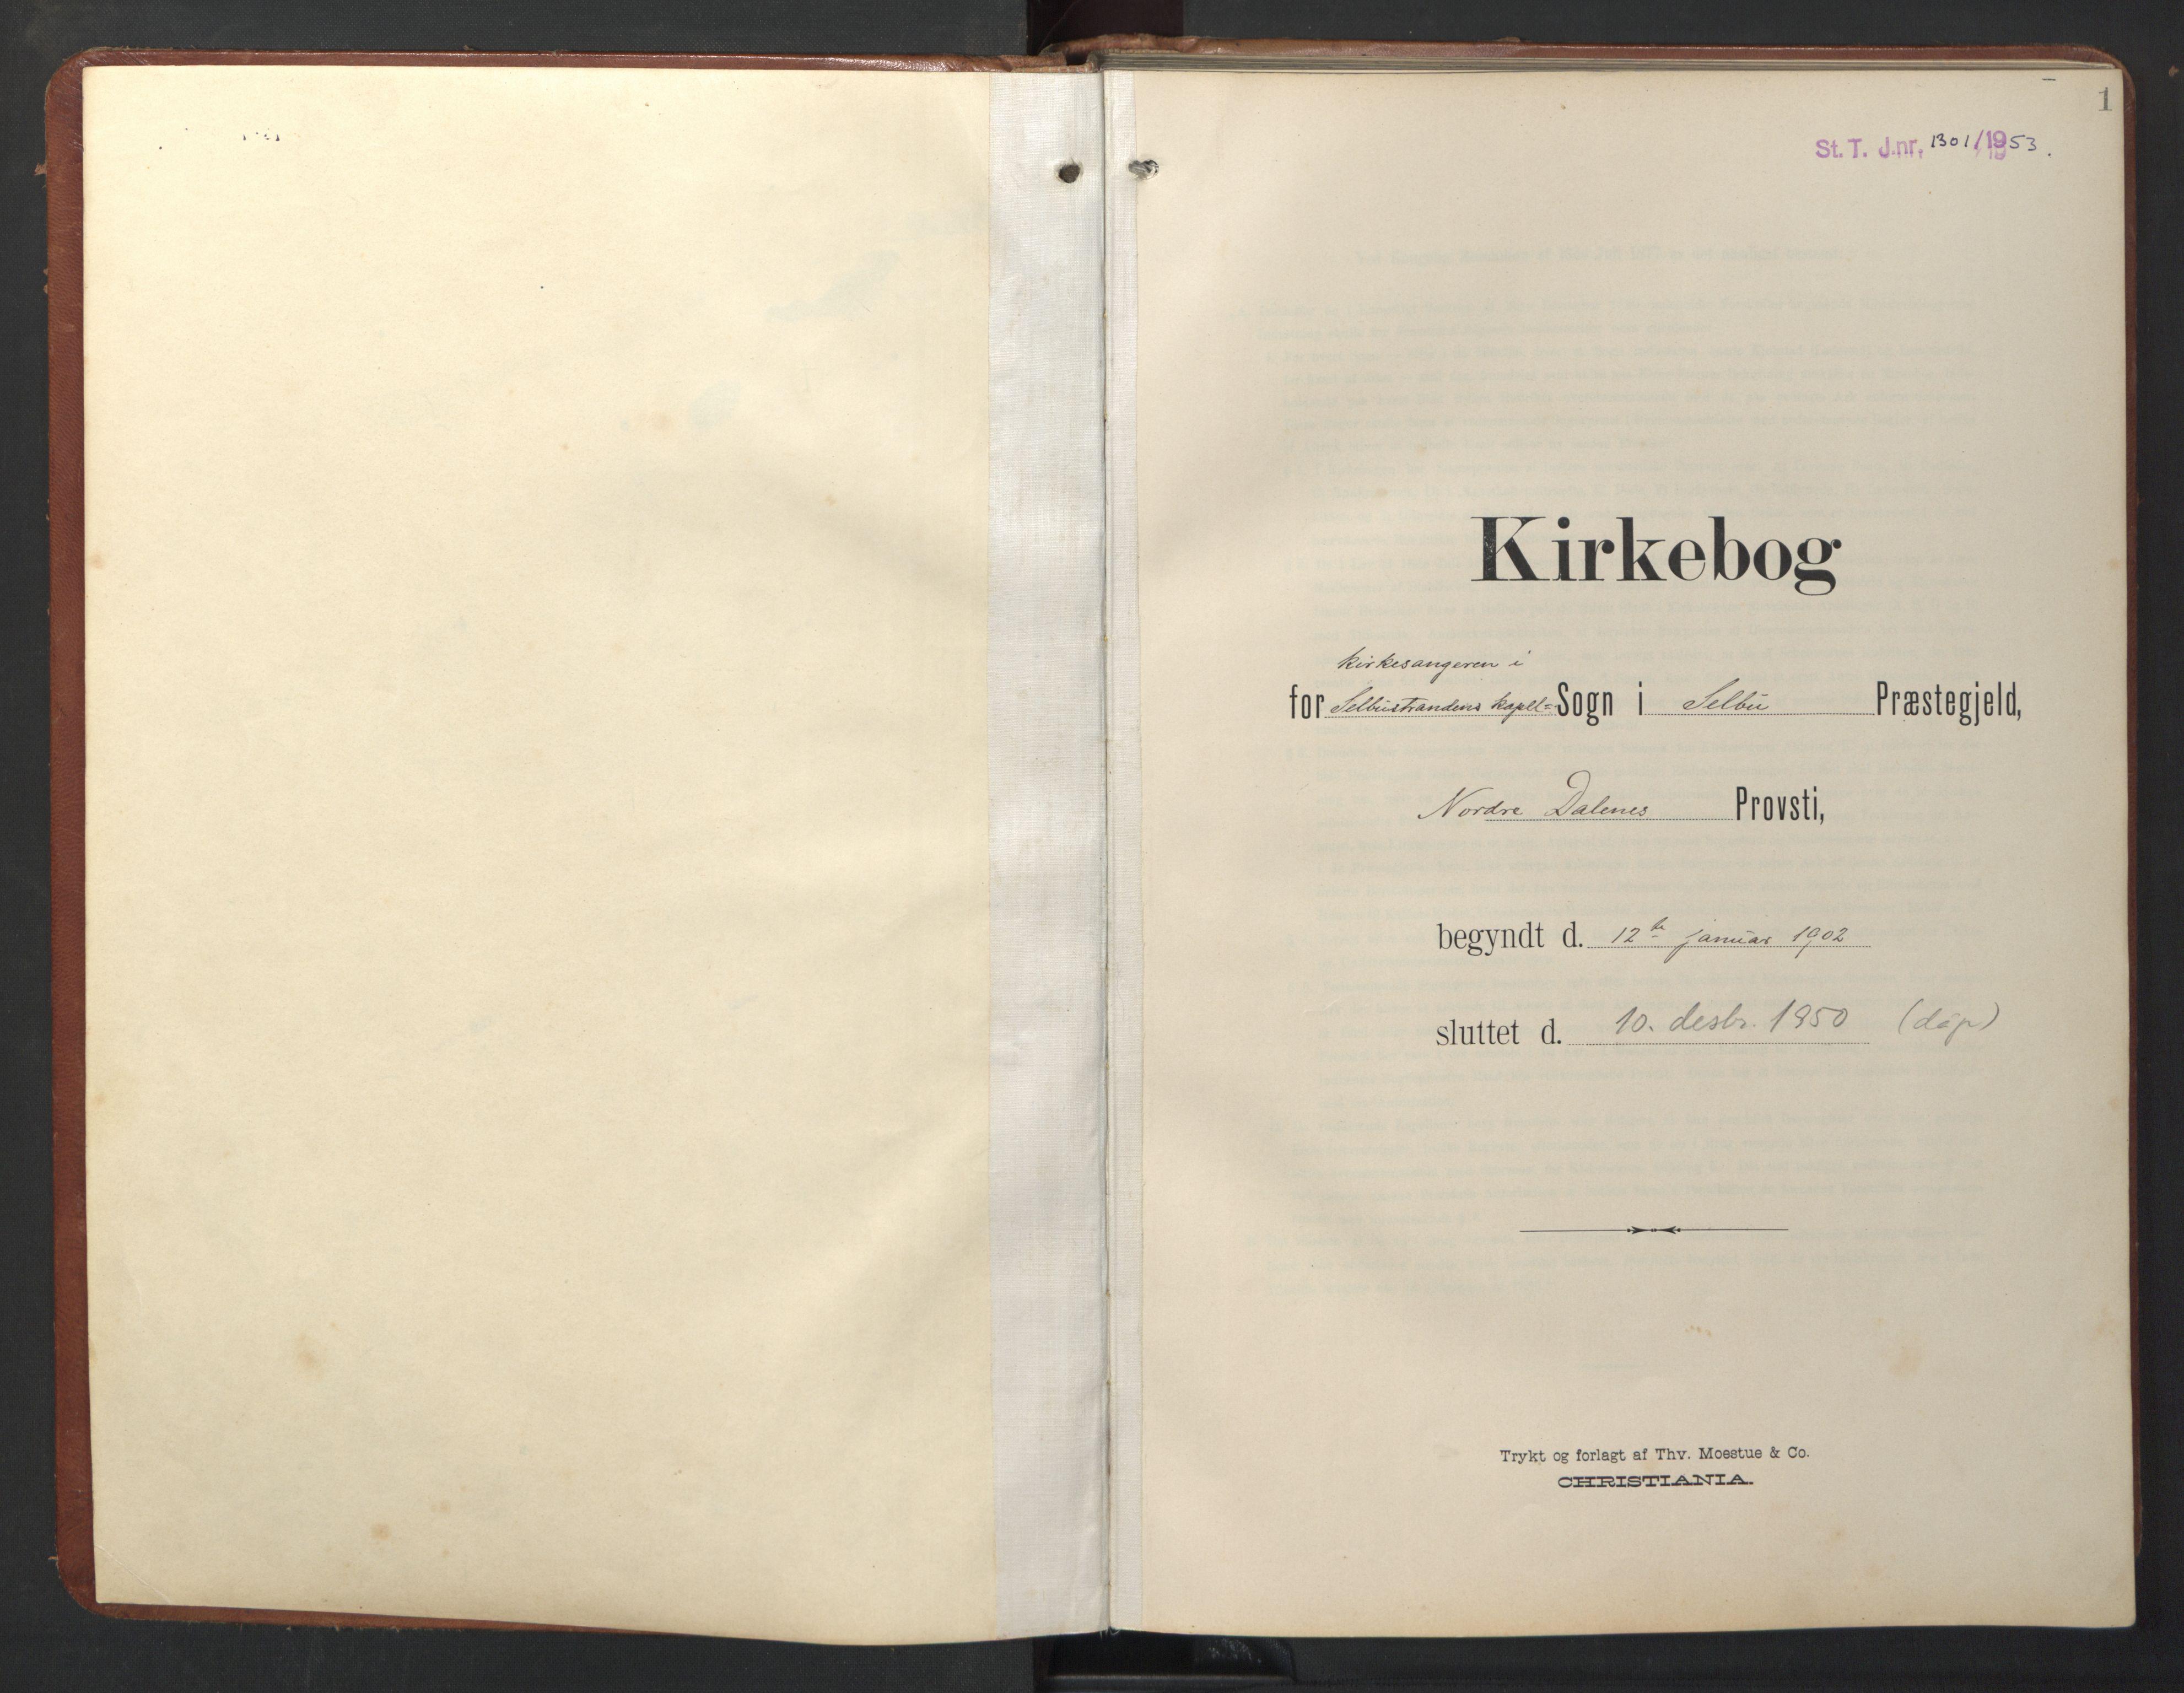 SAT, Ministerialprotokoller, klokkerbøker og fødselsregistre - Sør-Trøndelag, 696/L1161: Klokkerbok nr. 696C01, 1902-1950, s. 1